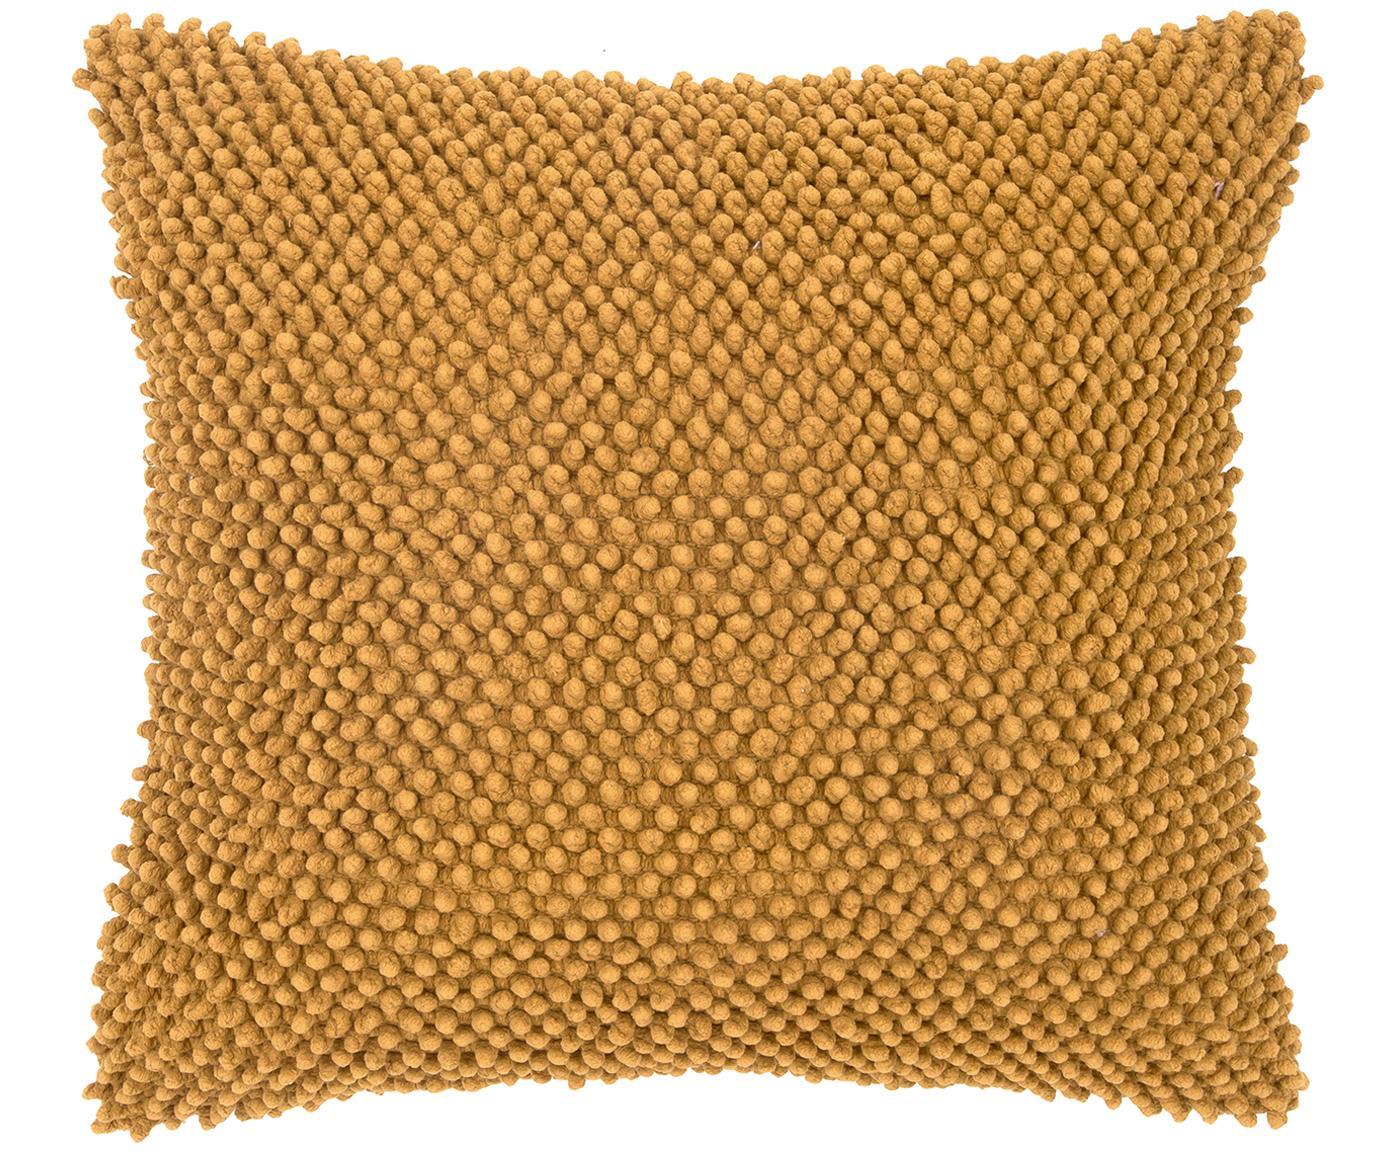 Funda de cojín texturizada Indi, Algodón, Amarillo, An 45 x L 45 cm